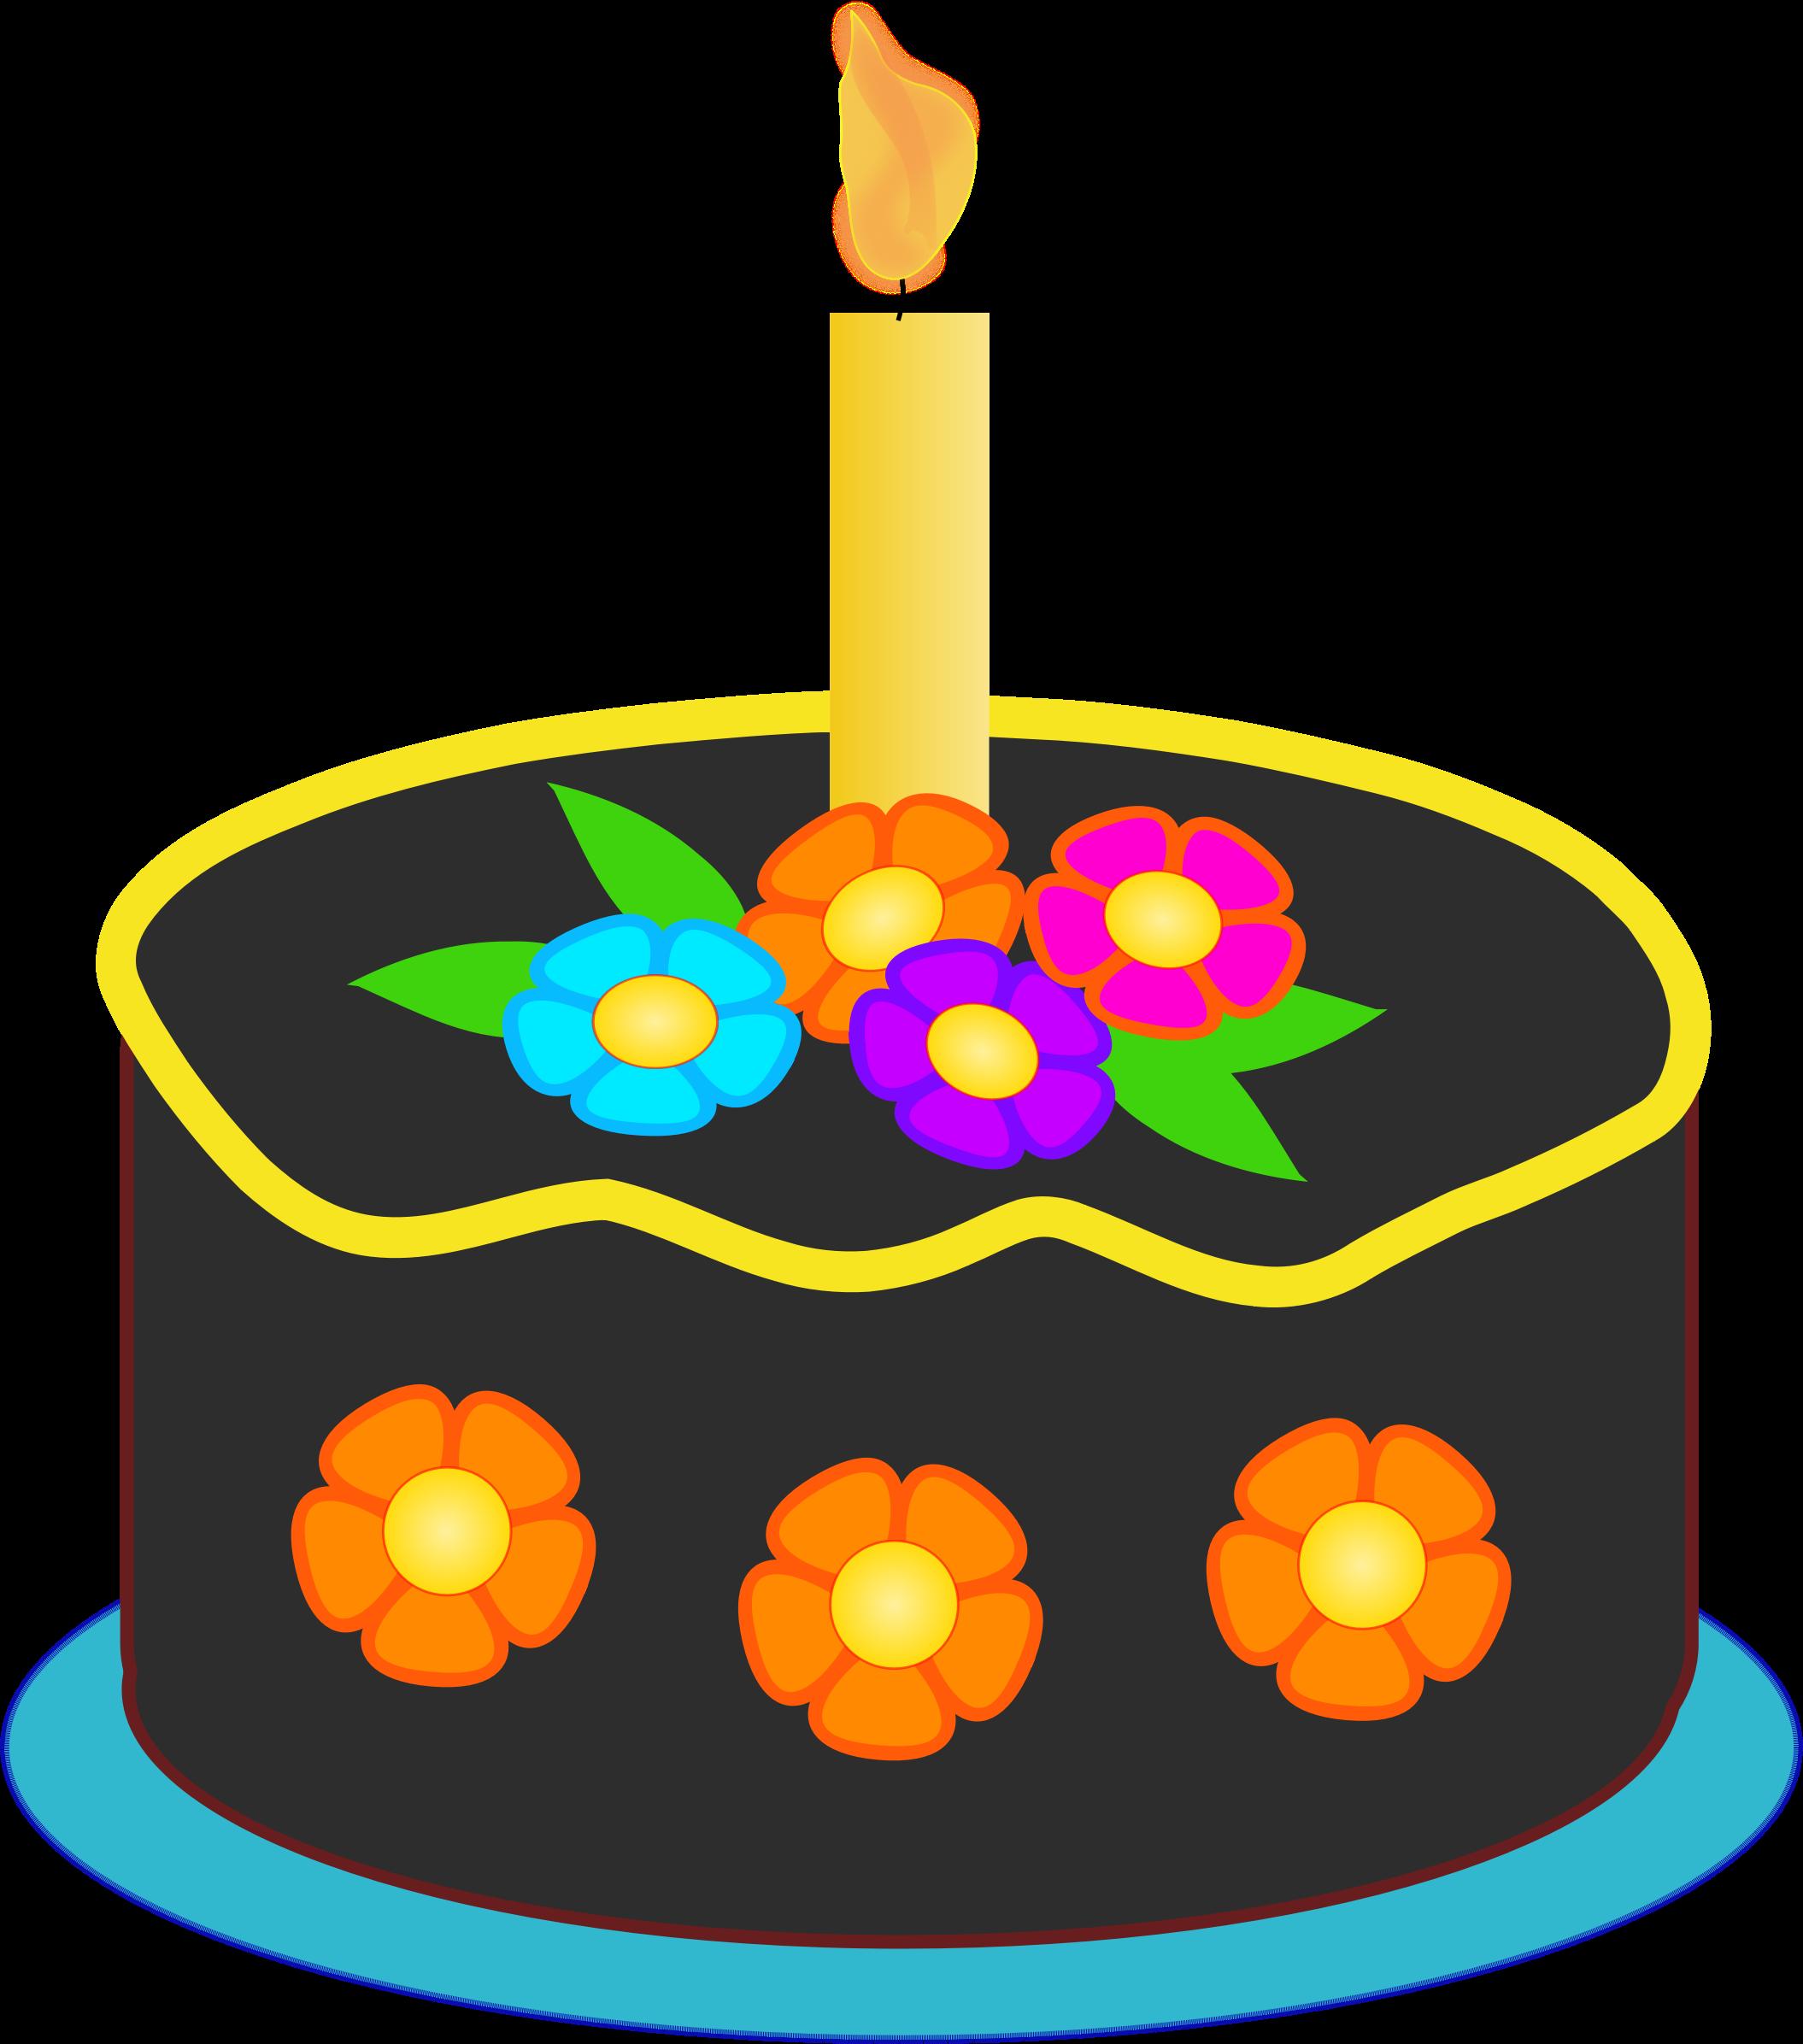 2110x2392 Chocolate Birthday Cake Clipart